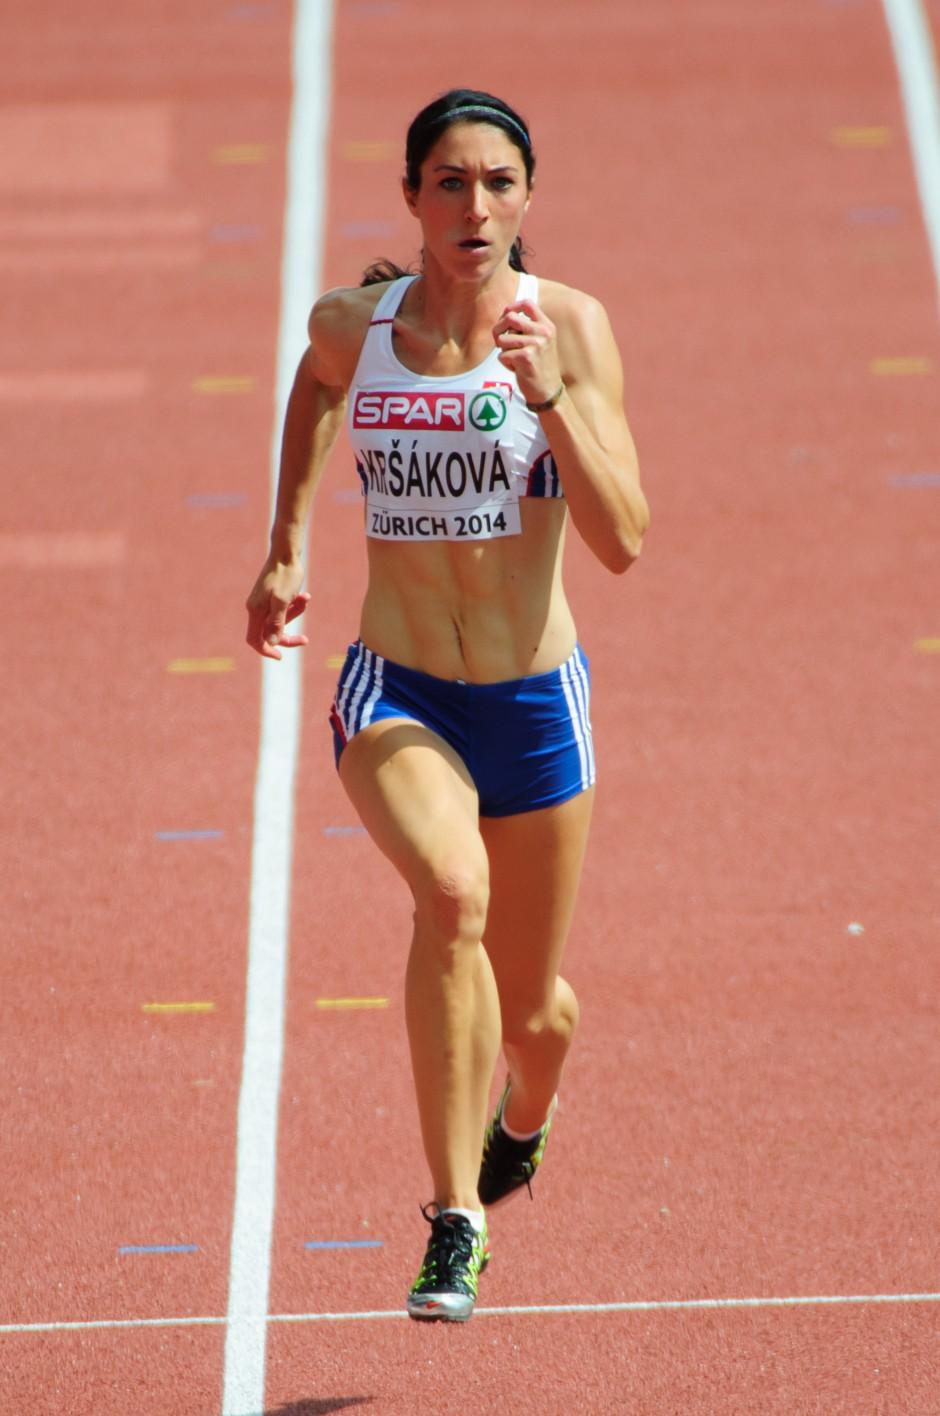 Lenka Kršáková, beh na 100m žien počas Majstrovstiev Európy v atletike 2014, Utorok 12.Augusta 2014, Zurich, Švajčiarsko